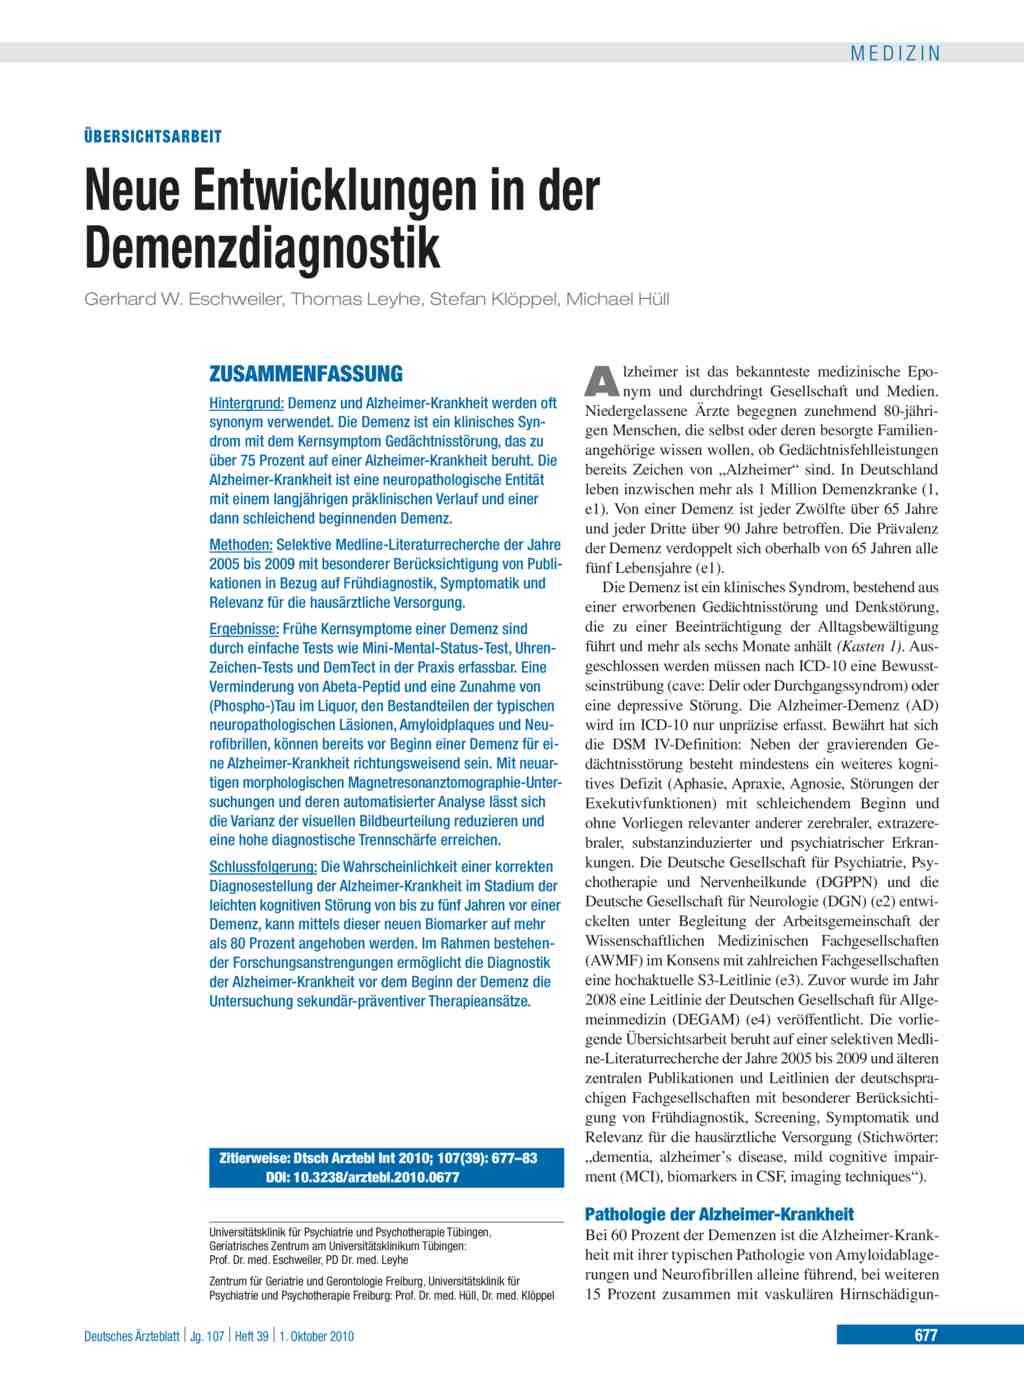 unterschied alzheimer und demenz